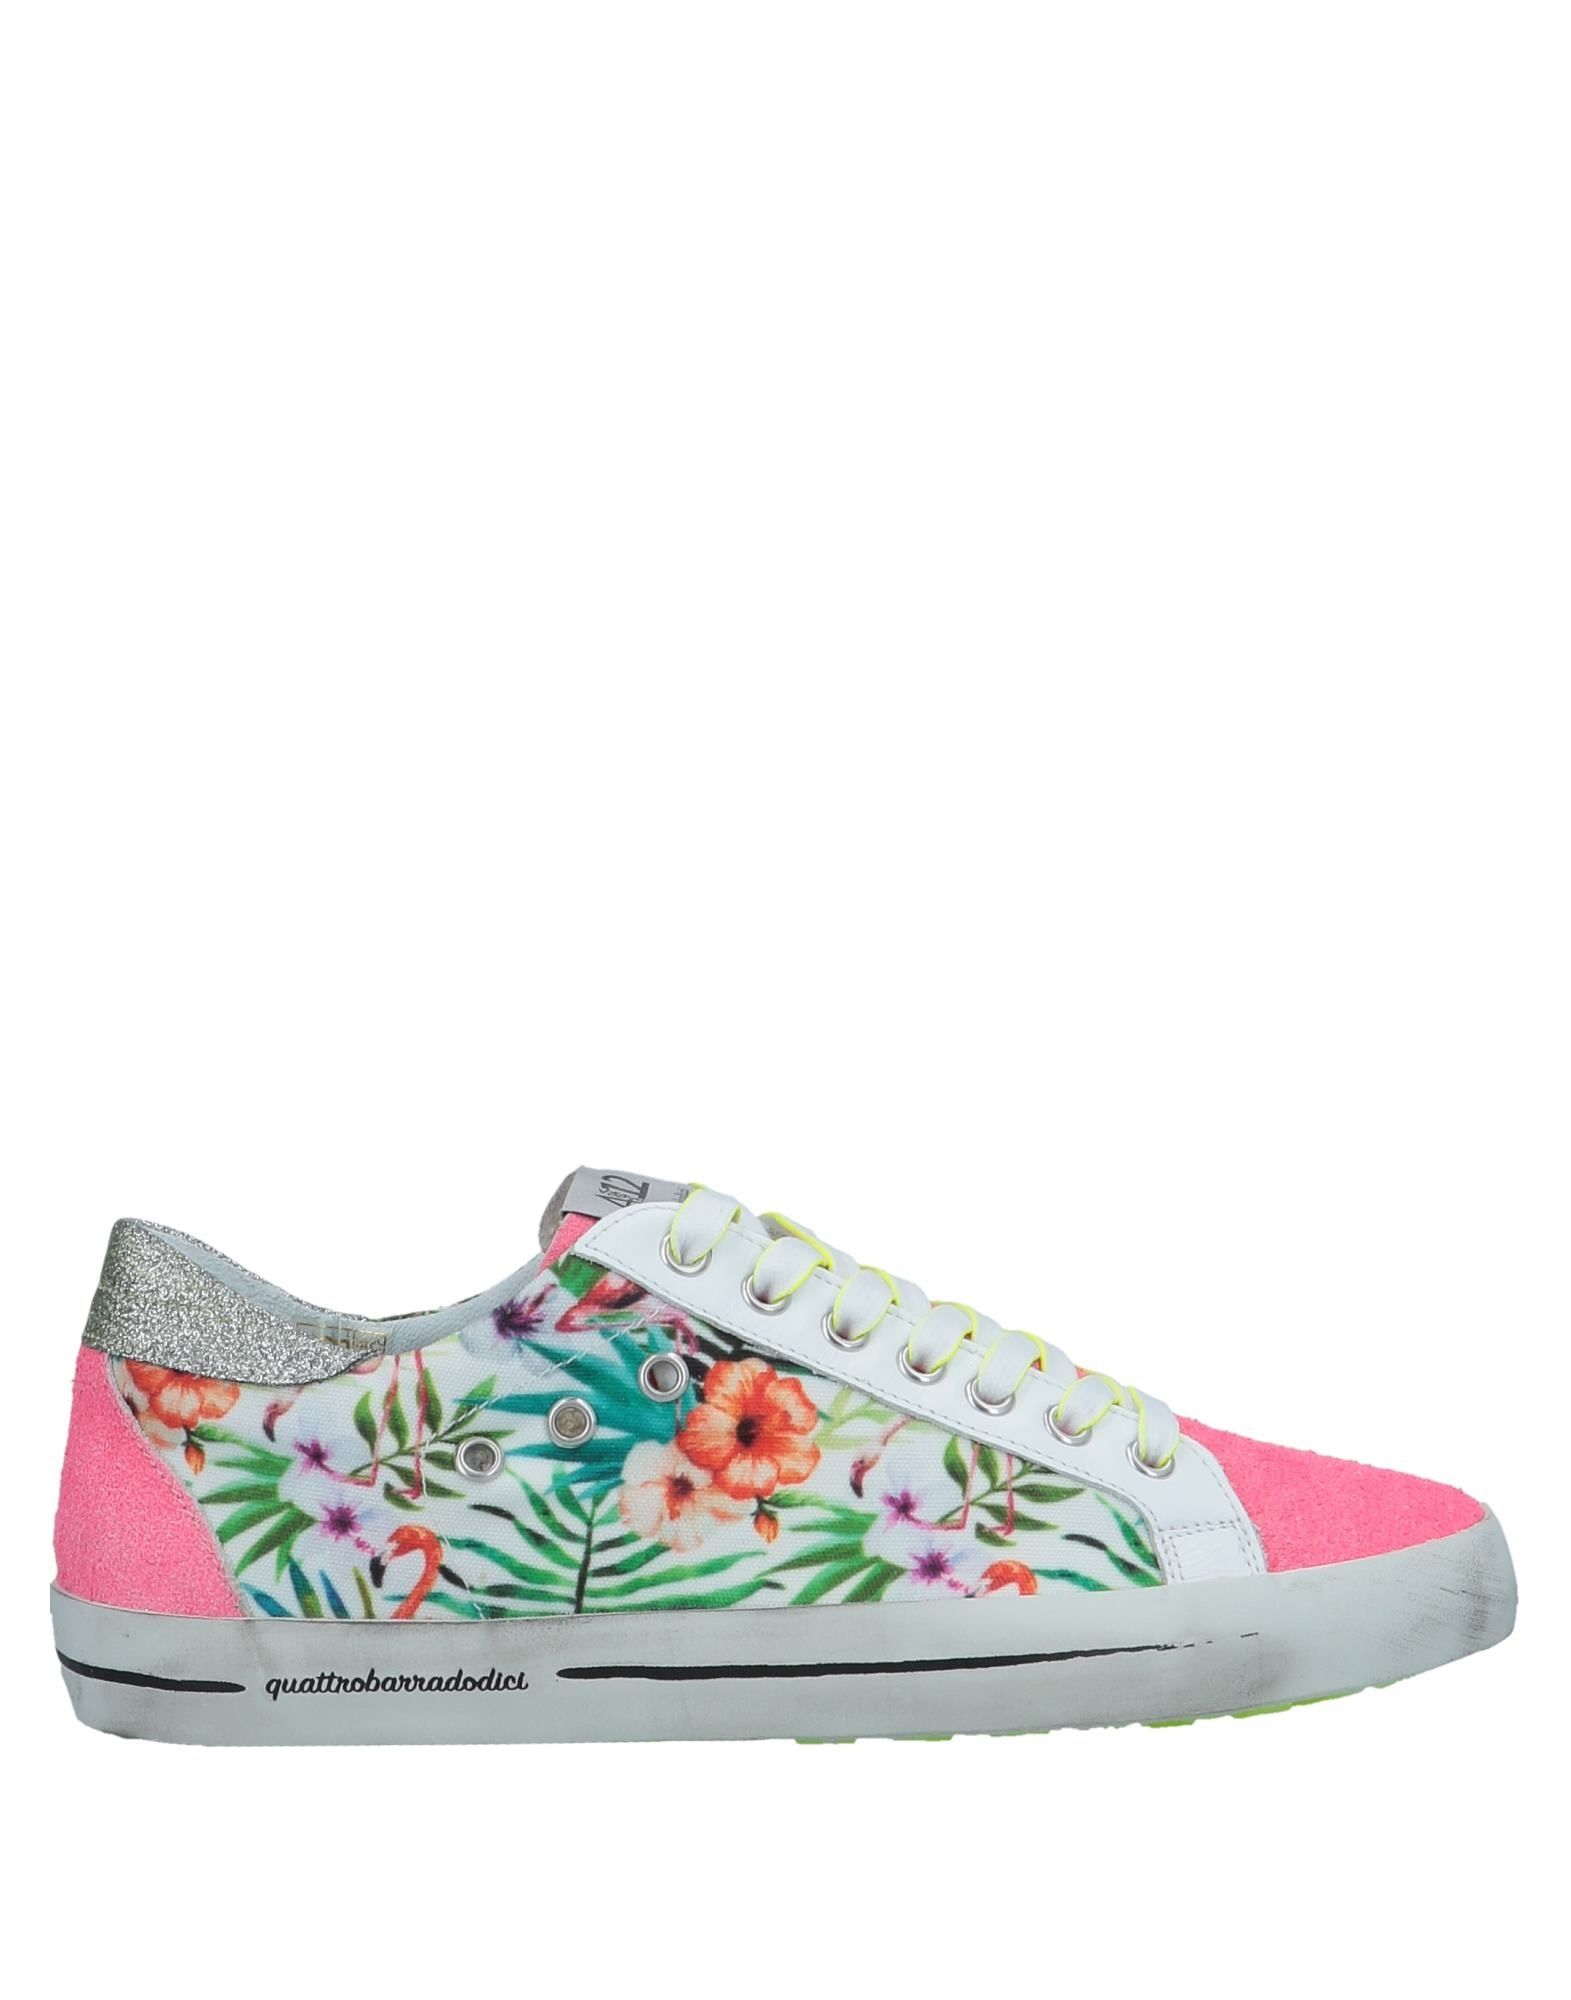 Quattrobarradodici Sneakers - Women Quattrobarradodici Sneakers online on    United Kingdom - 11573332TK e76f88